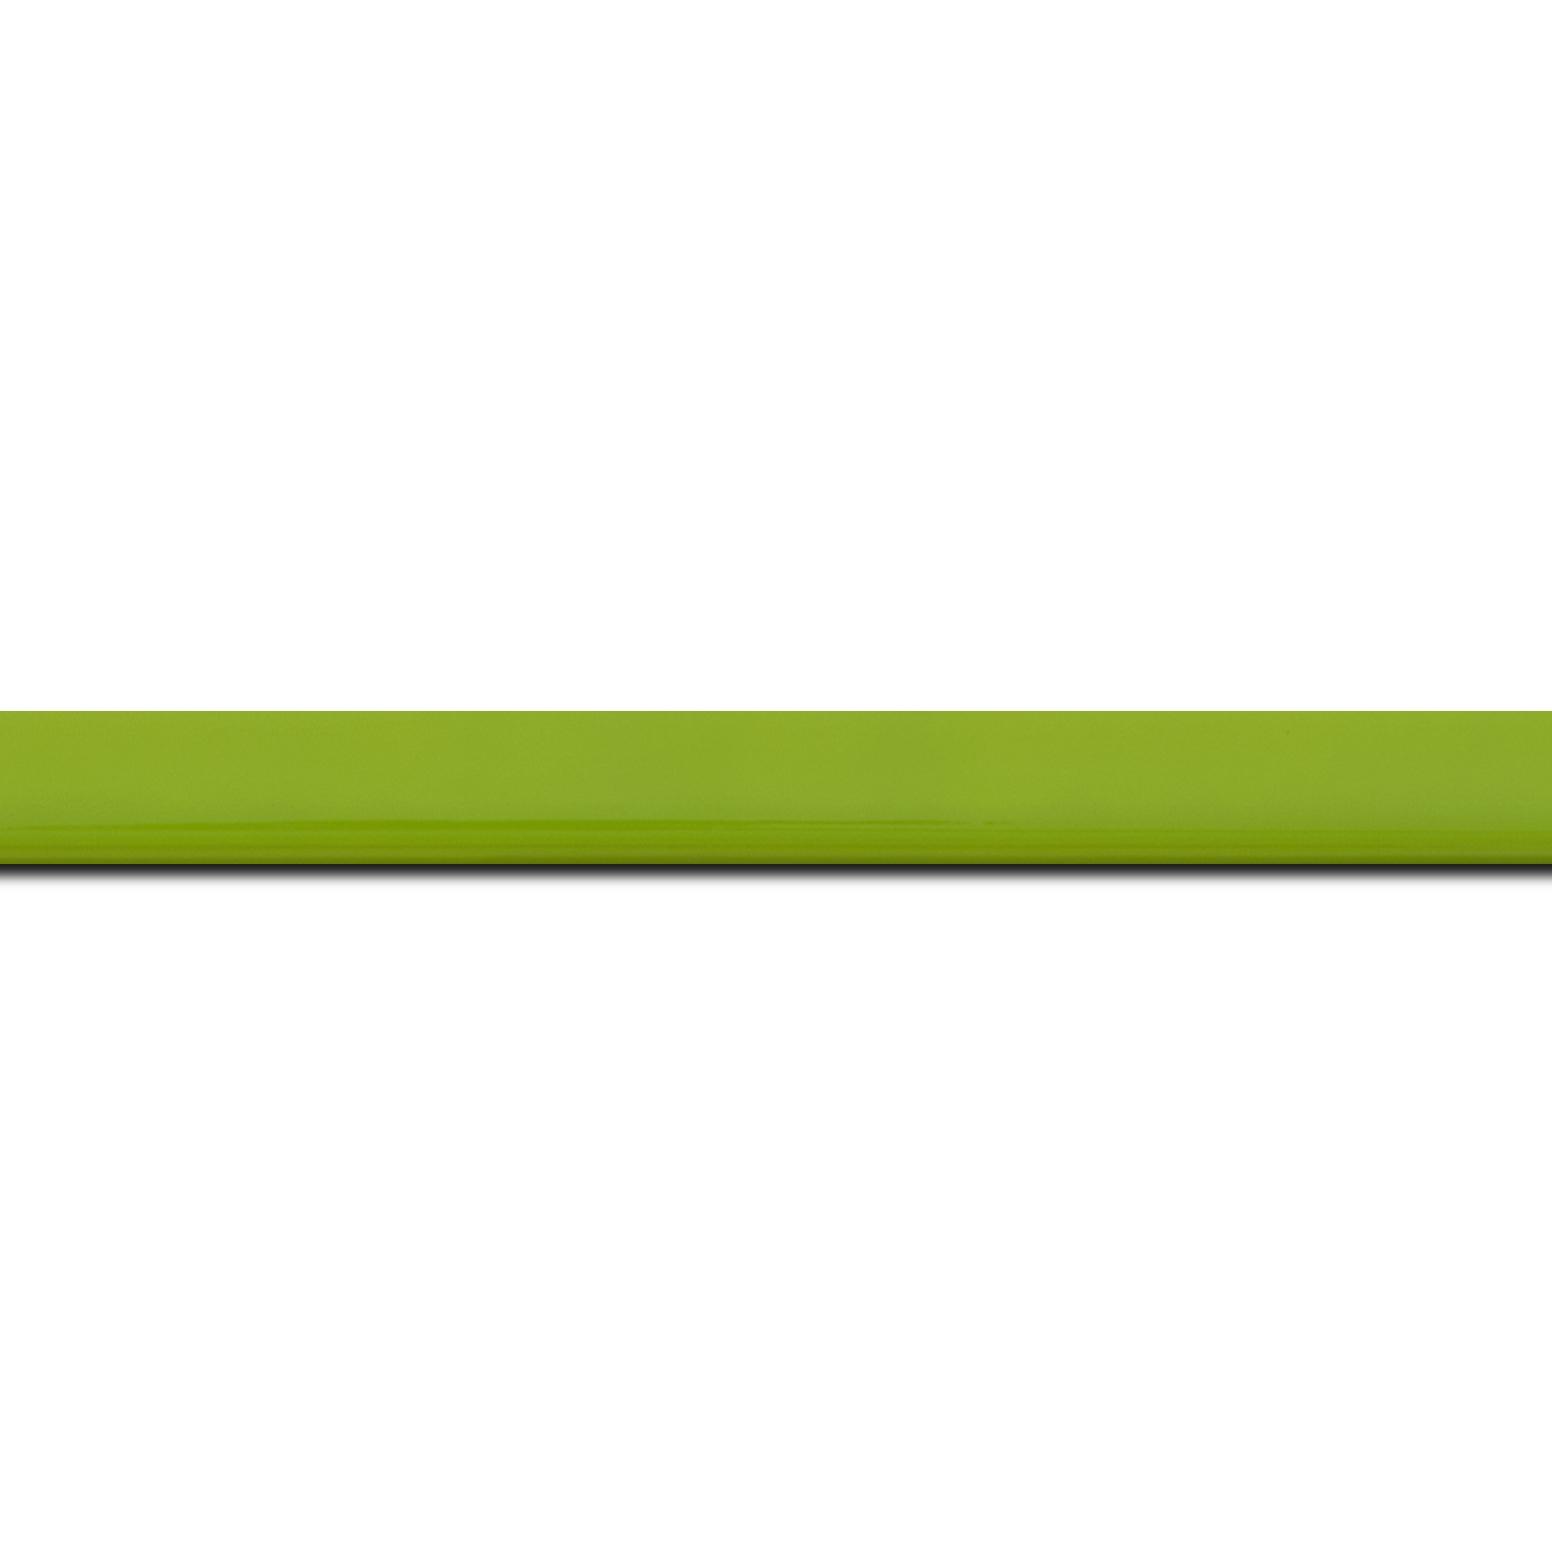 Baguette longueur 1.40m bois profil méplat largeur 1.4cm couleur vert anis laqué